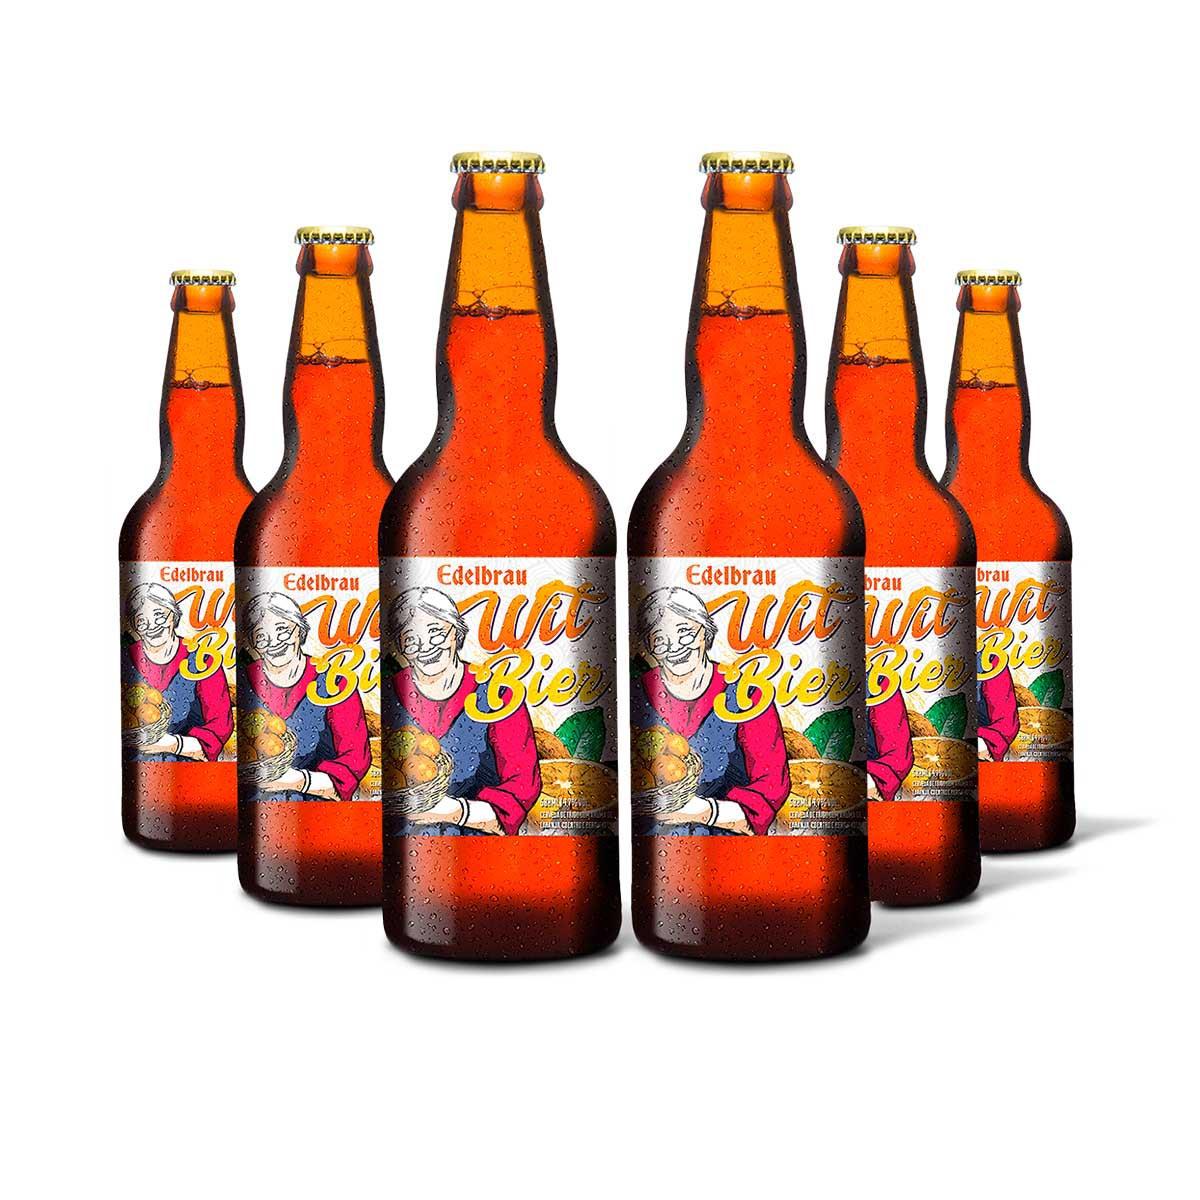 Pack Edelbrau Witbier 6 cervejas 500ml